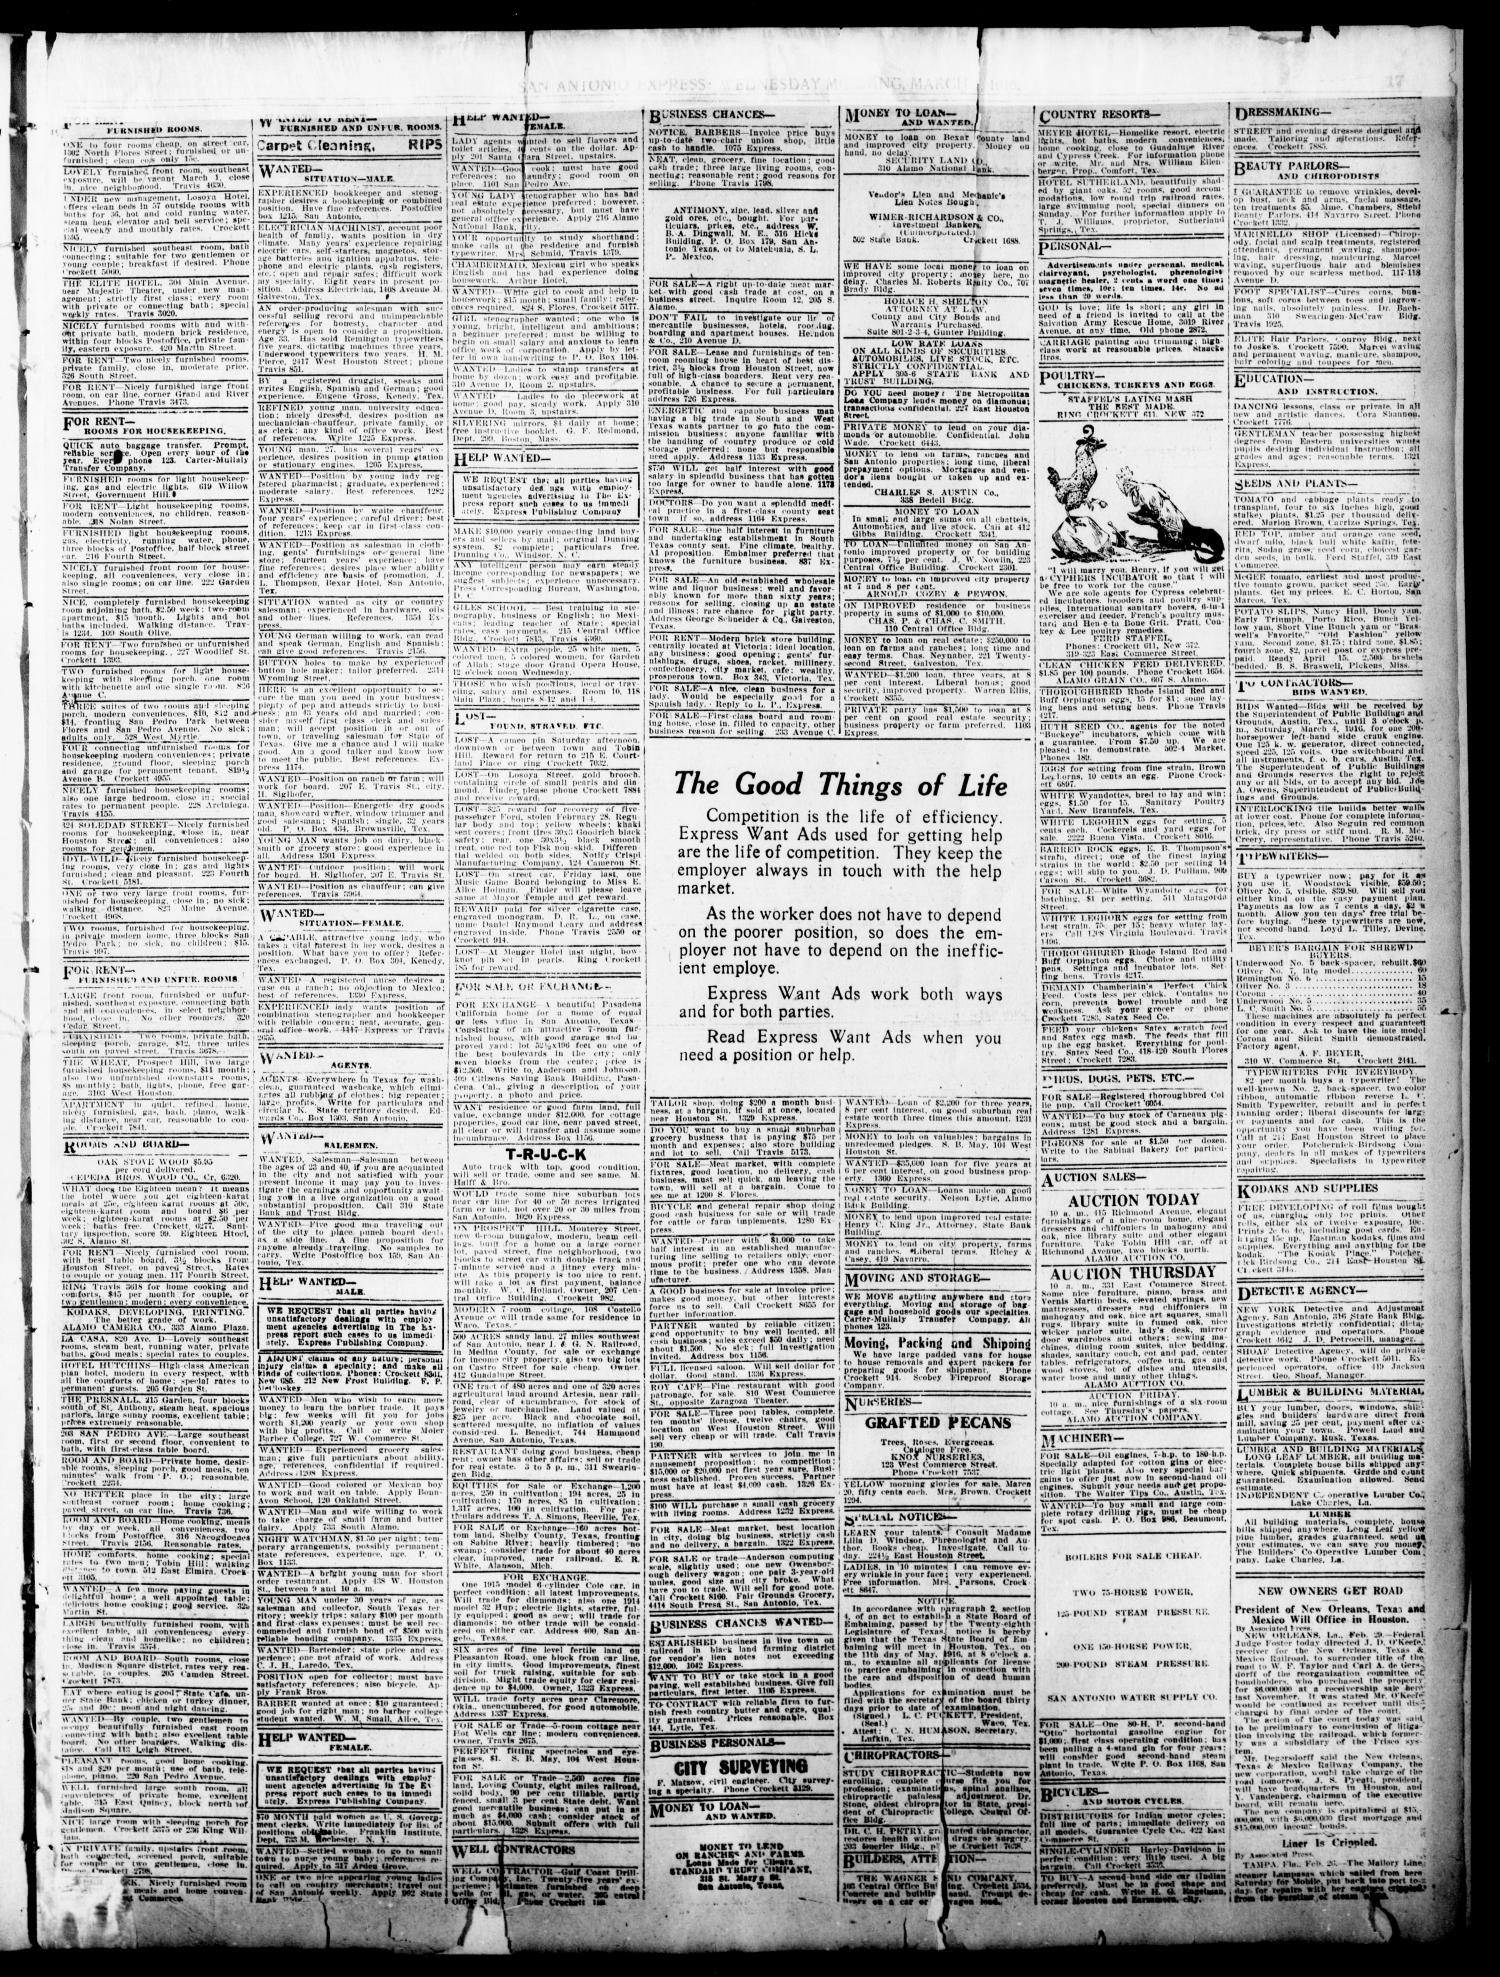 San Antonio Express  (San Antonio, Tex ), Vol  51, No  61, Ed  1